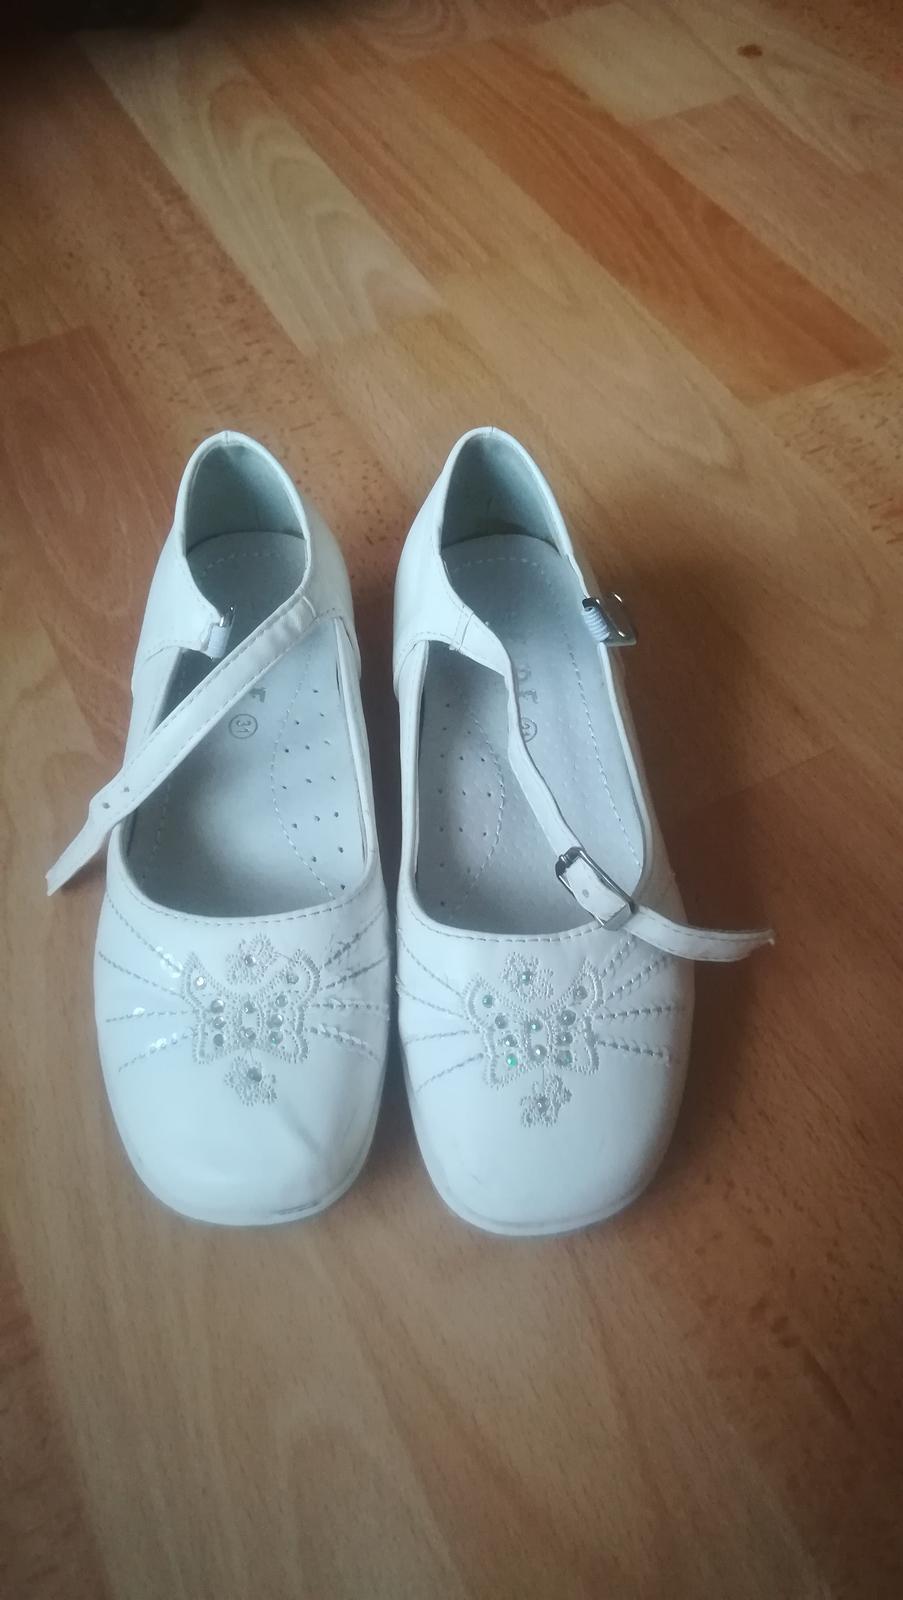 Biele topánočky  - Obrázok č. 1